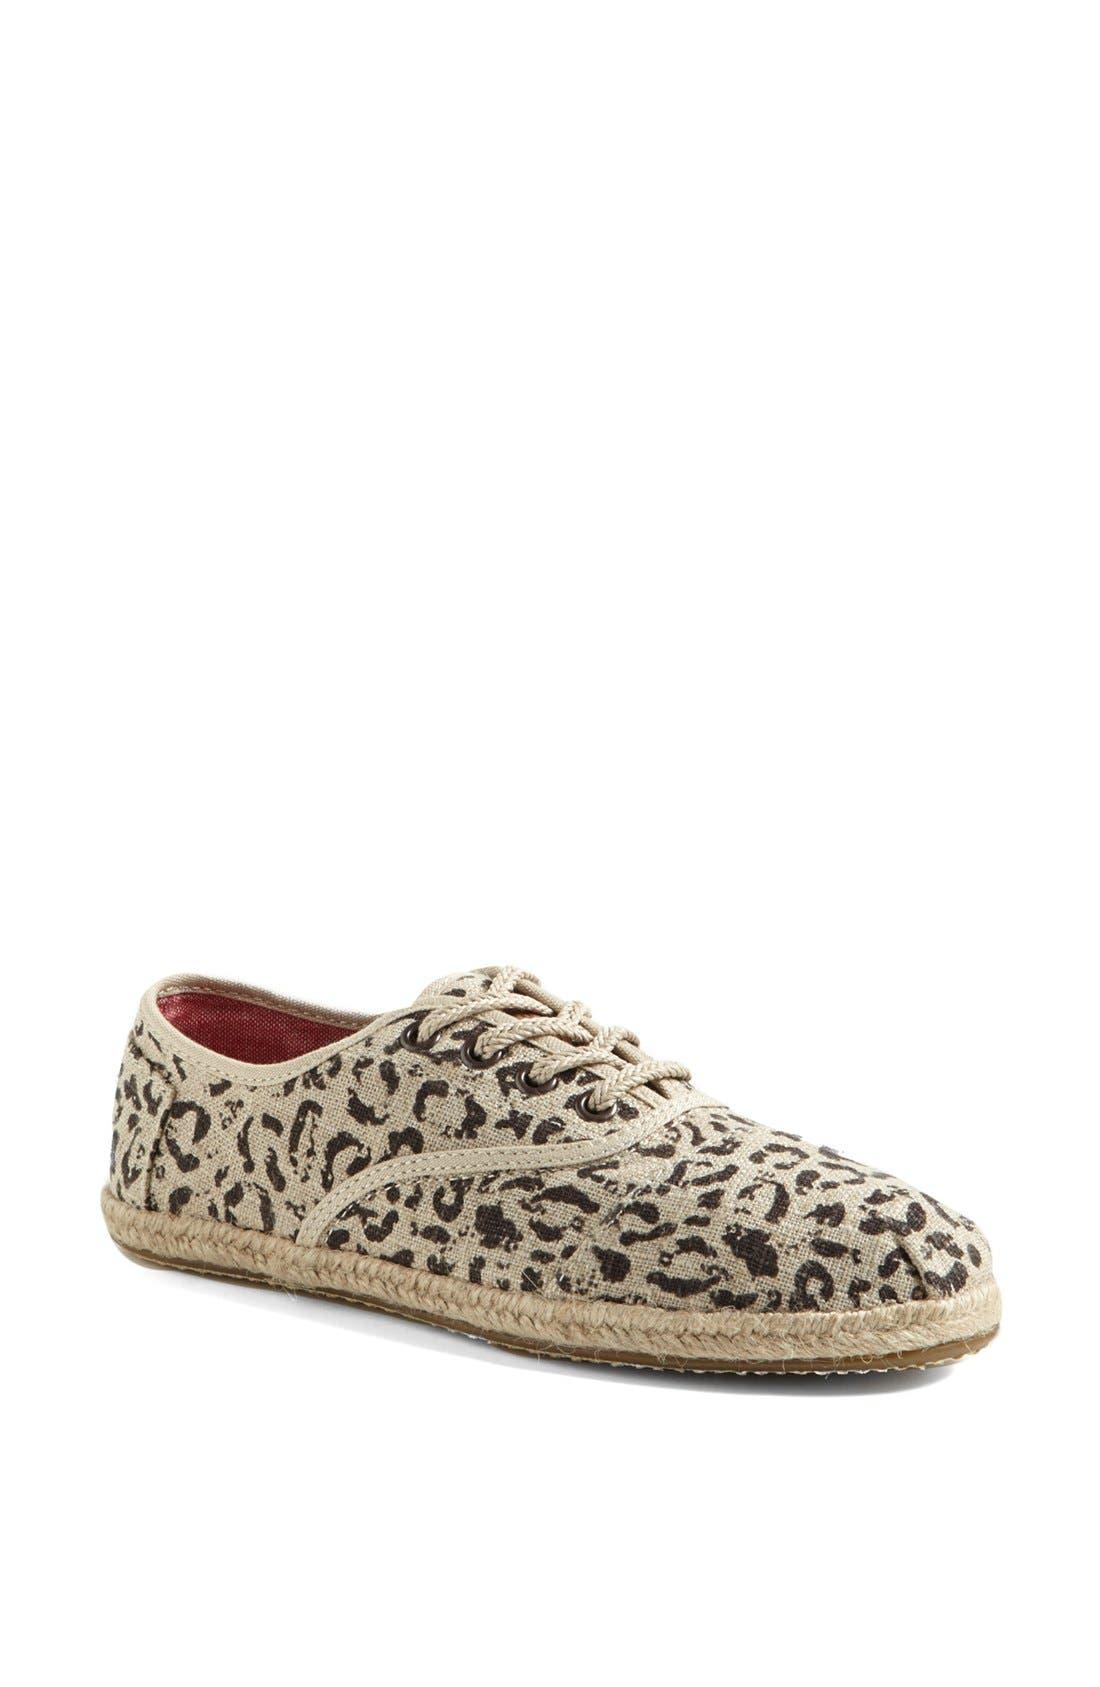 Main Image - TOMS 'Cordones' Burlap Sneaker (Women)